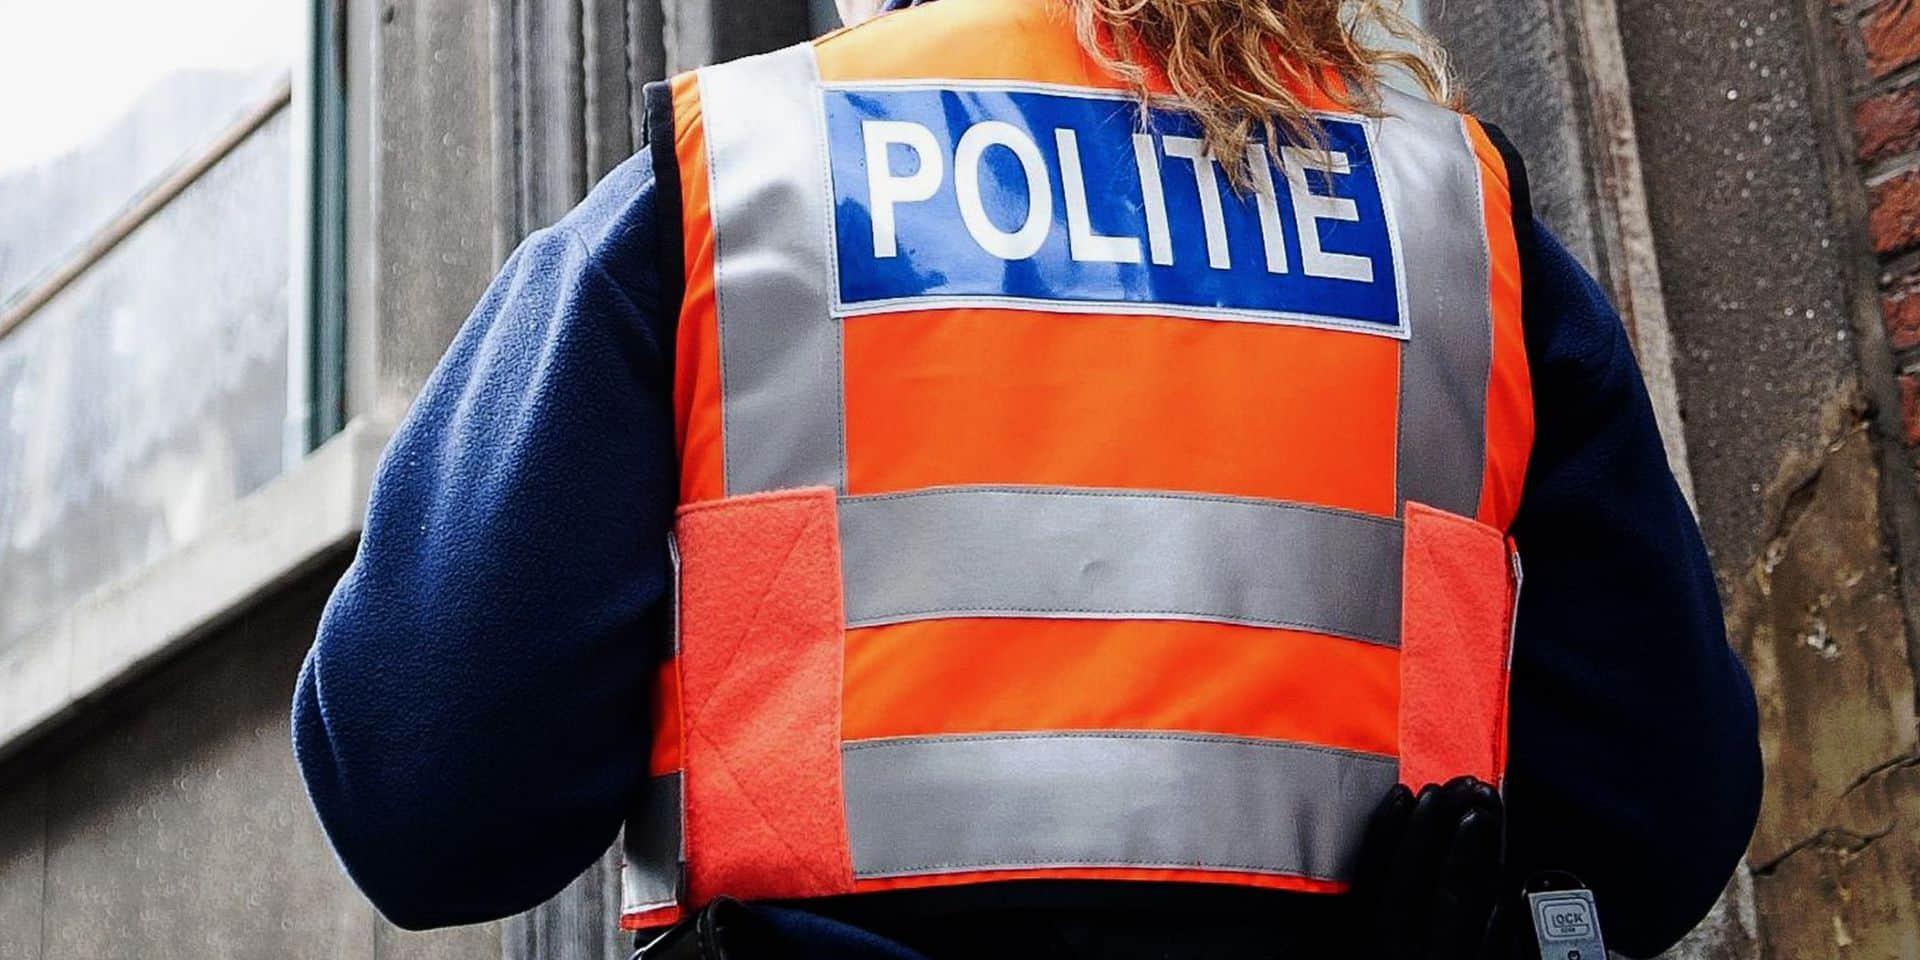 Adolescente de 14 ans tuée à Alost: le jeune conducteur avait trop bu